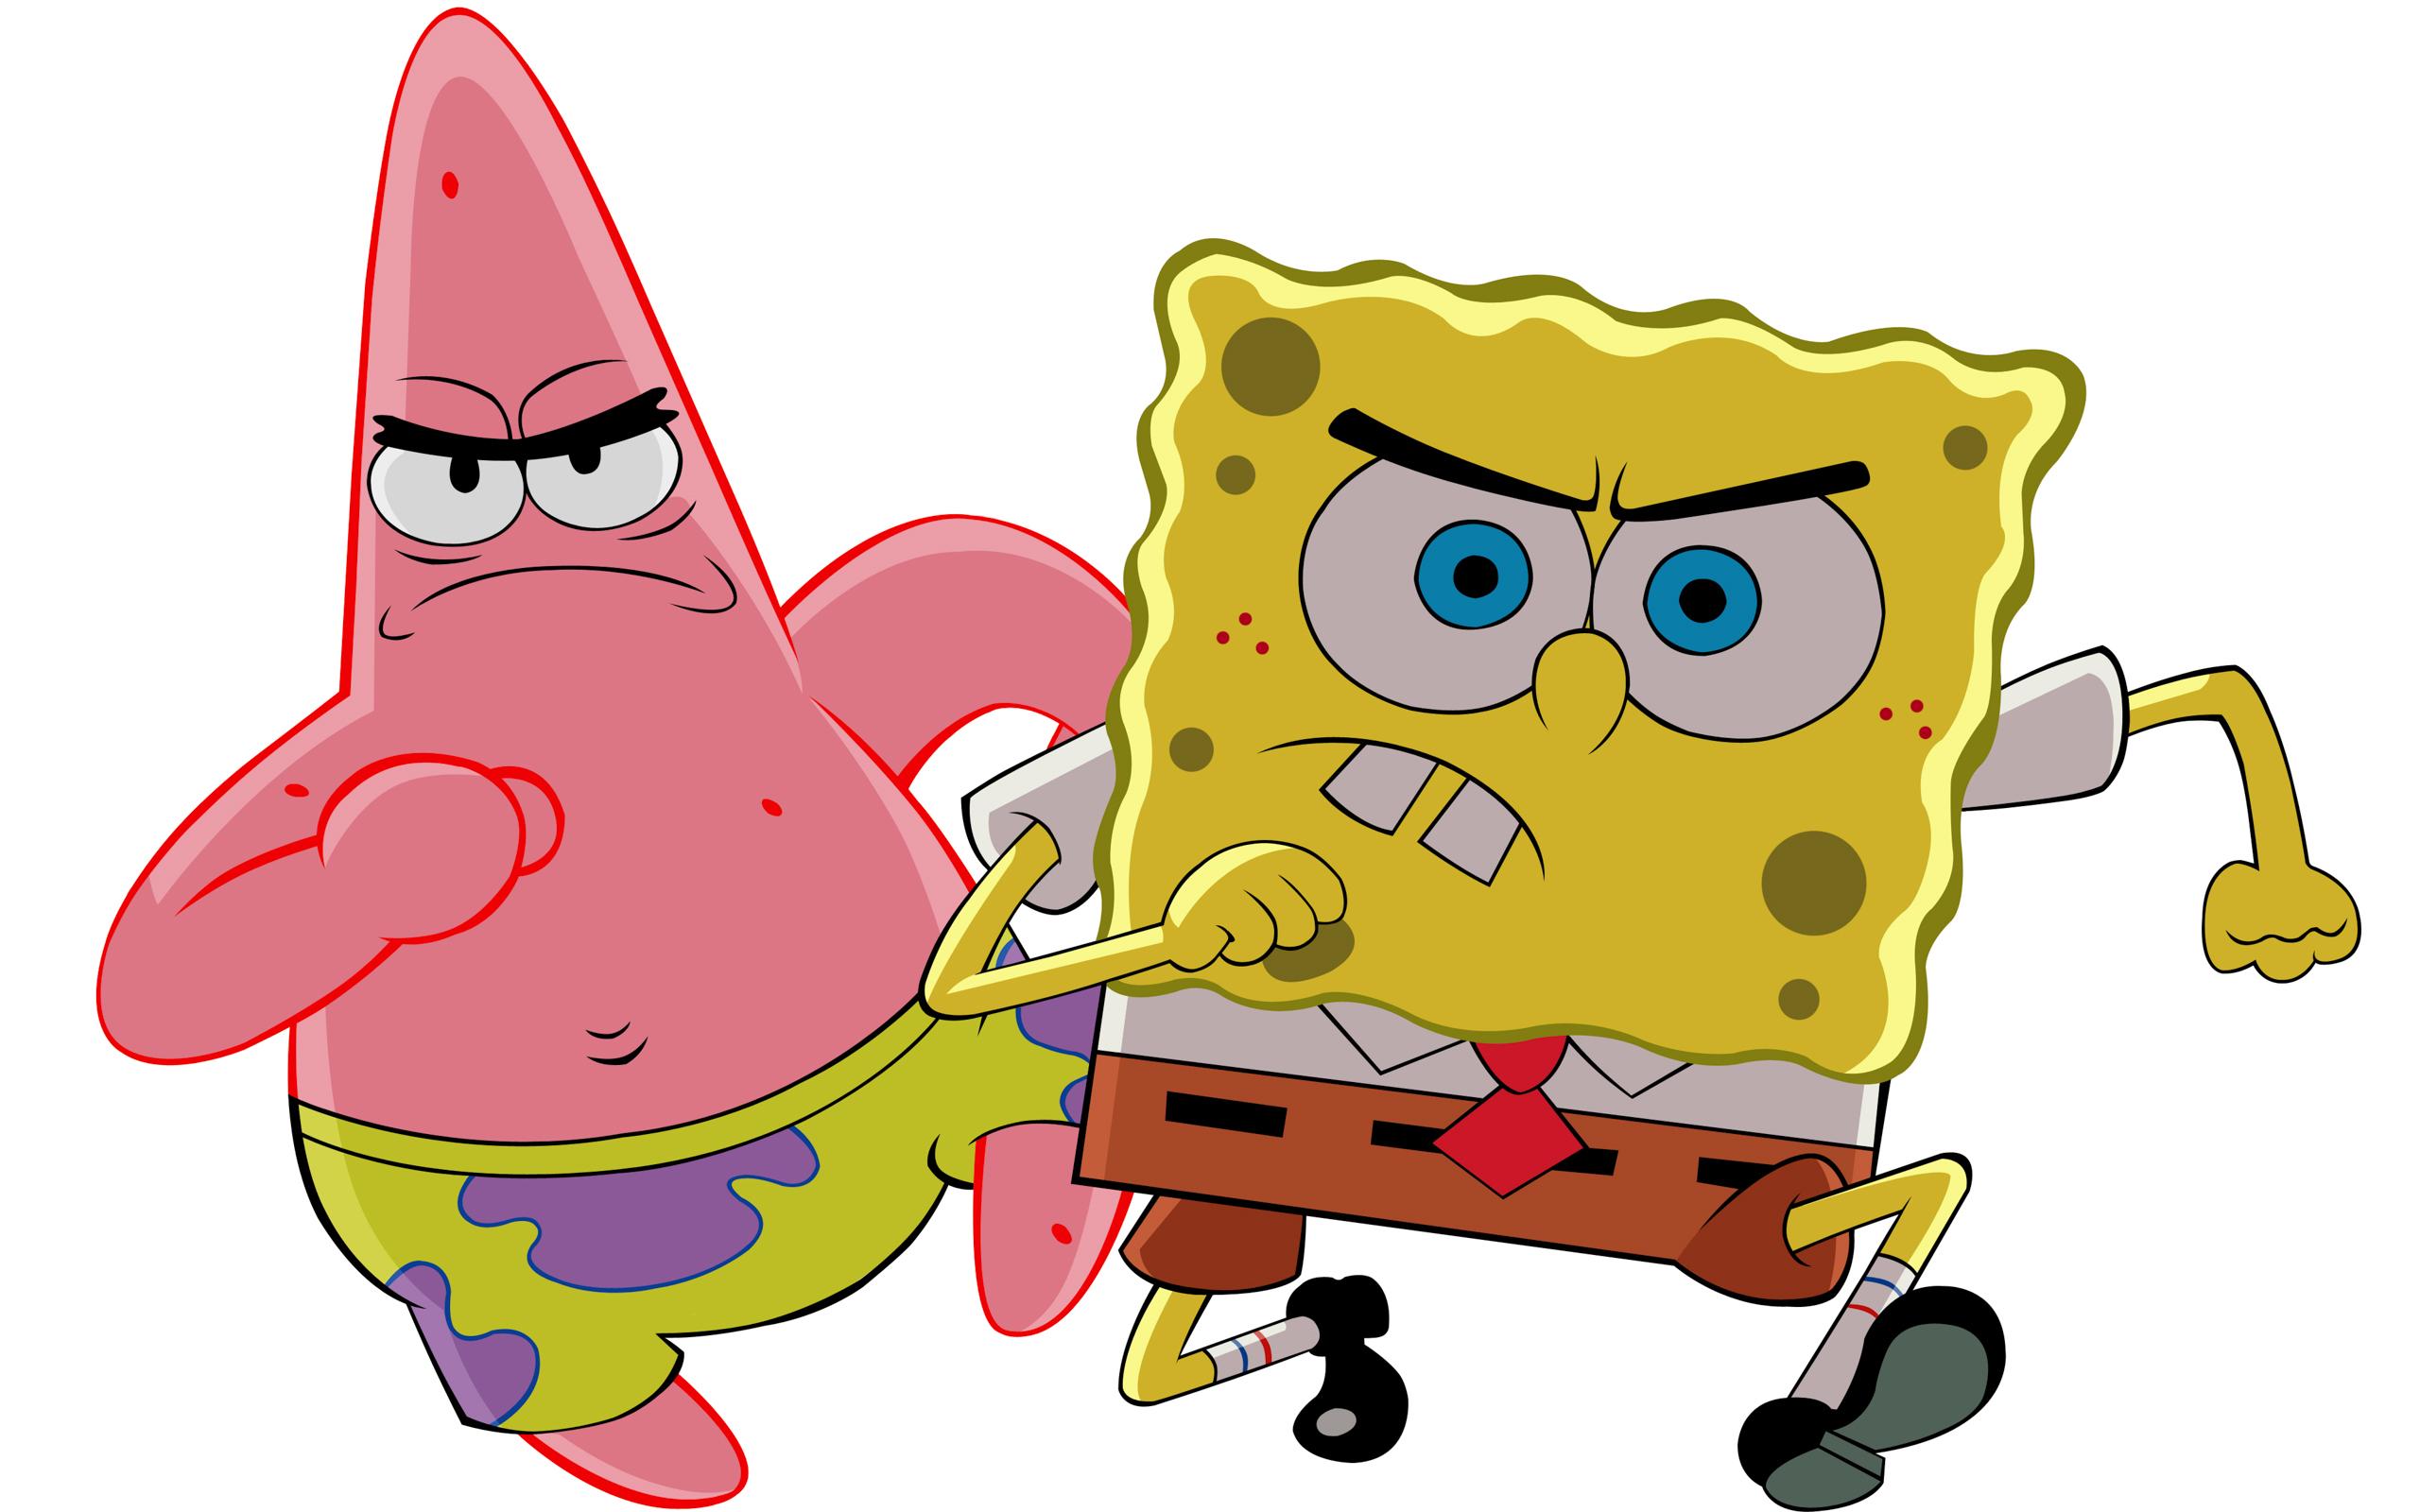 Патрик Стар и Губка Боб обои для рабочего стола, картинки ...